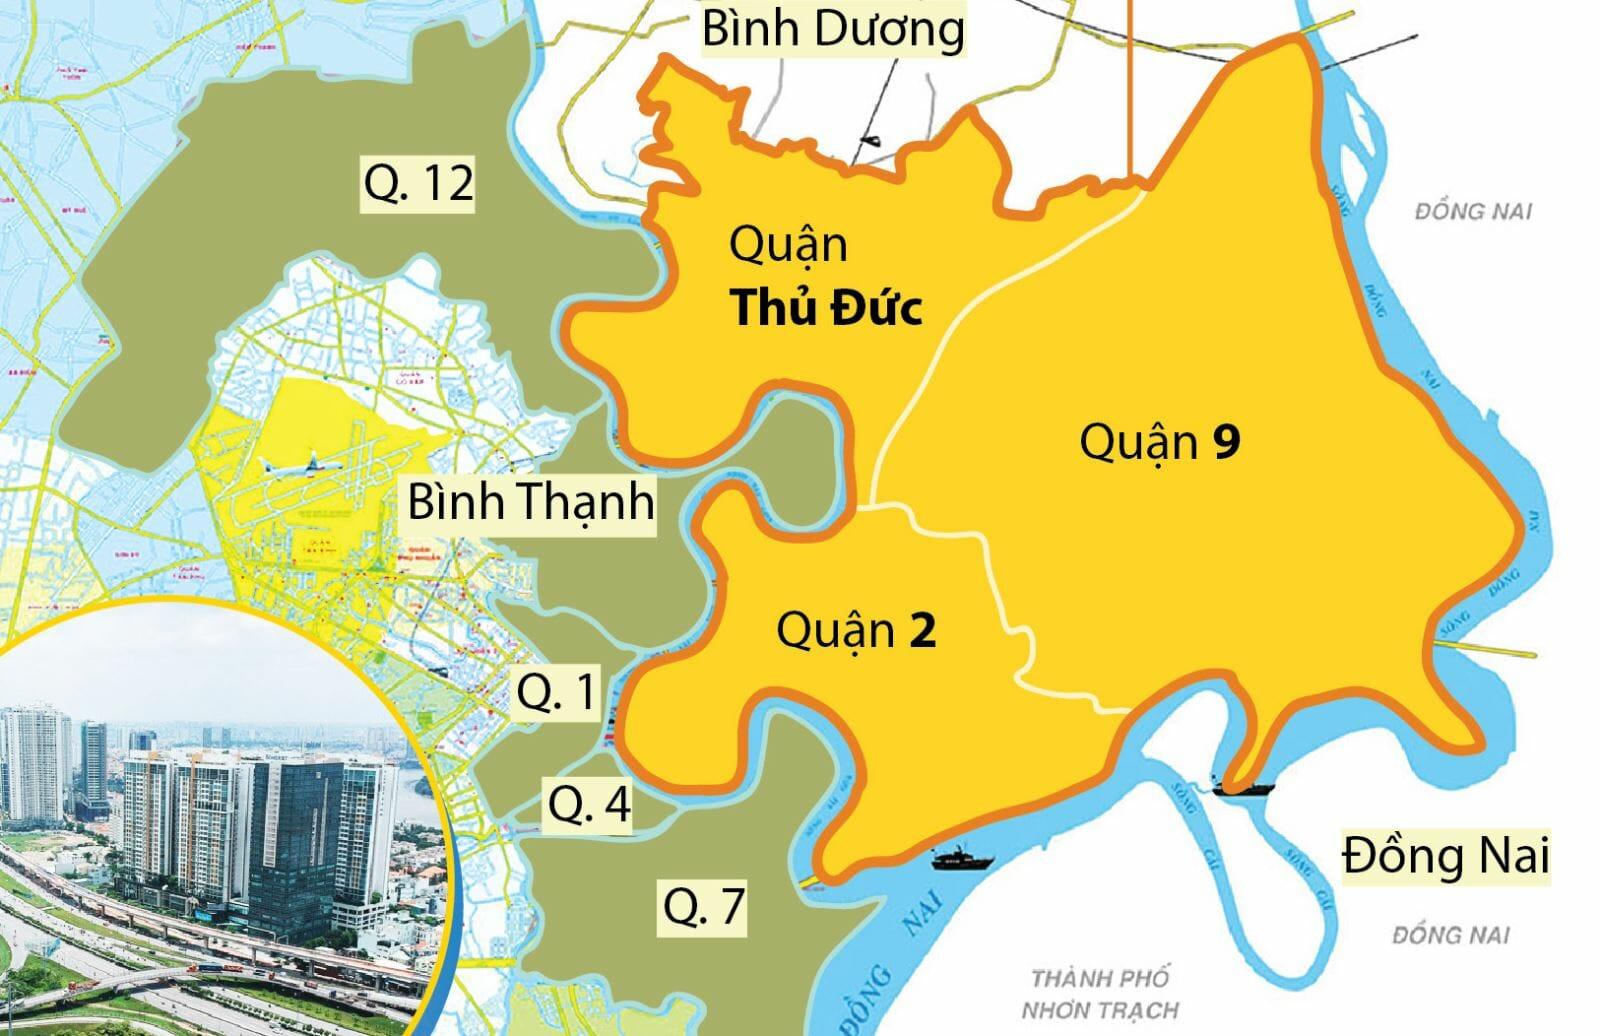 Thành phố Thủ Đức gồm 3 quận sáp nhập, vị trí cửa ngõ trên bản đồ các quận TPHCM